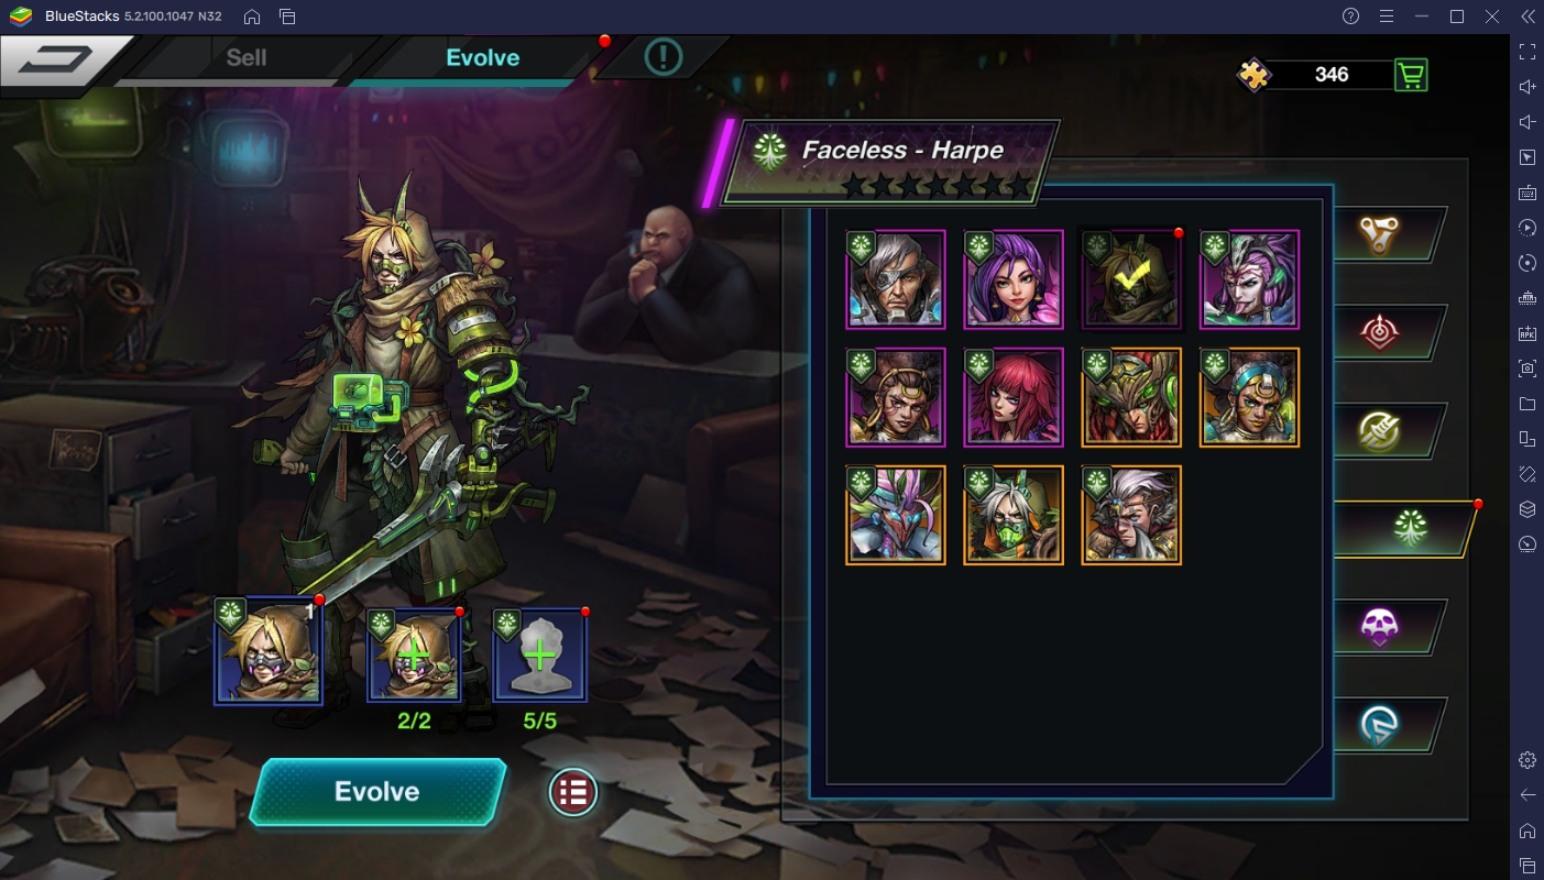 BlueStacks' Guide To Heroes in Battle Night: Cyberpunk-Idle RPG